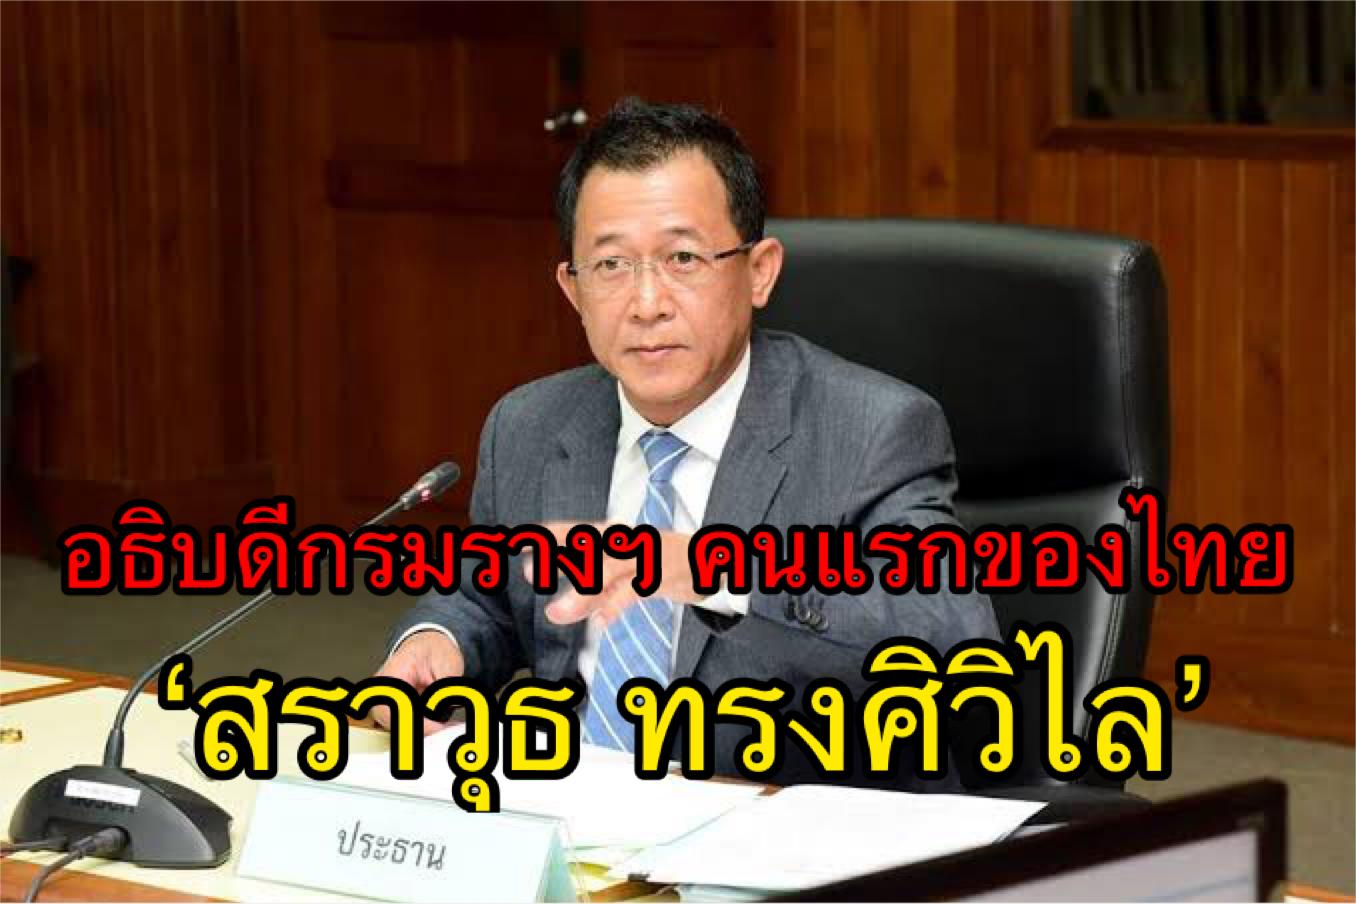 ด่วน! ครม. ตั้ง 'สราวุธ ทรงศิวิไล' นั่งอธิบดีกรมรางฯ คนแรกของไทย